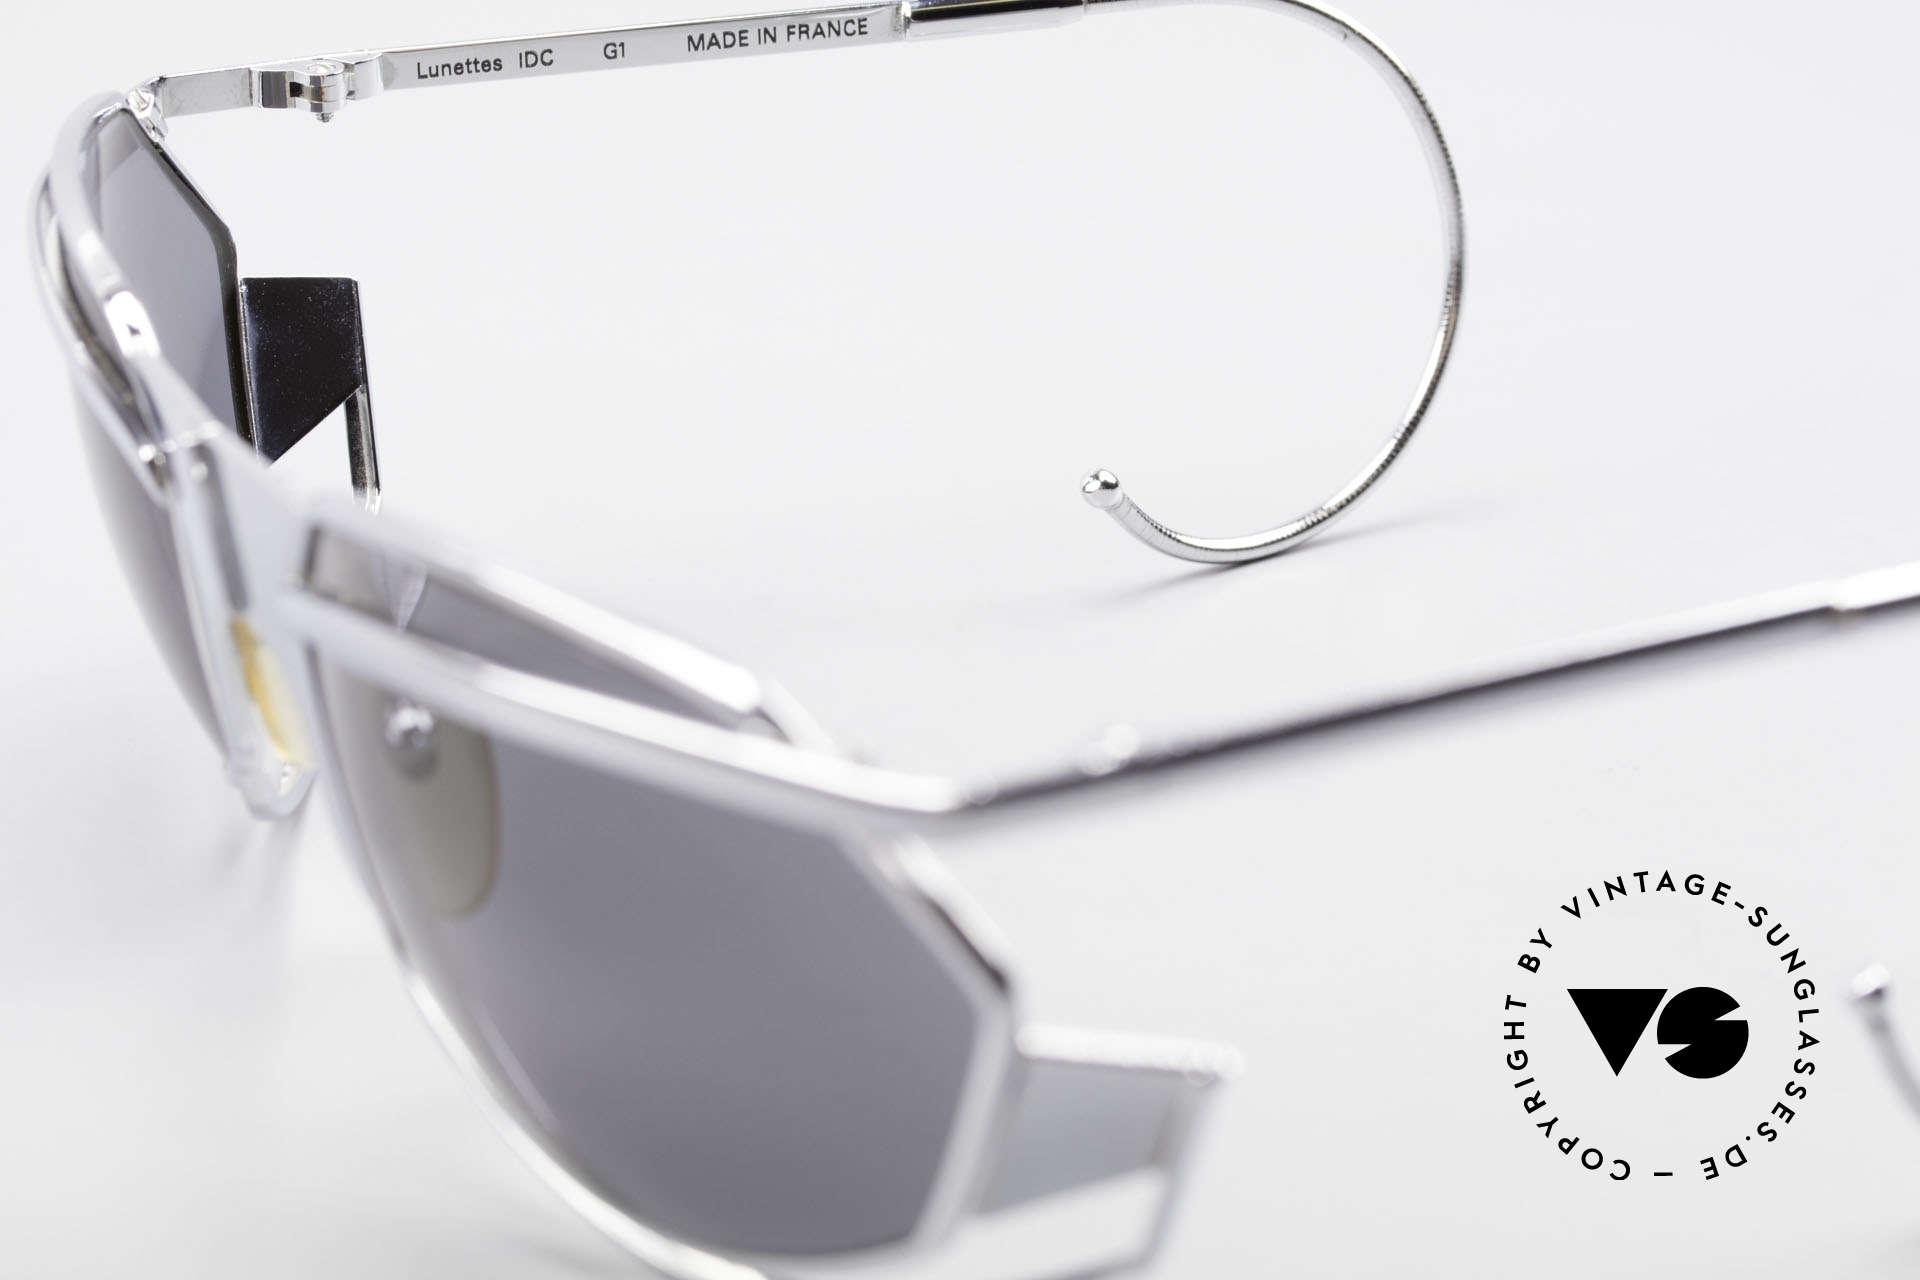 IDC G1 Folding Large Folding Sunglasses 90's, Size: extra large, Made for Men